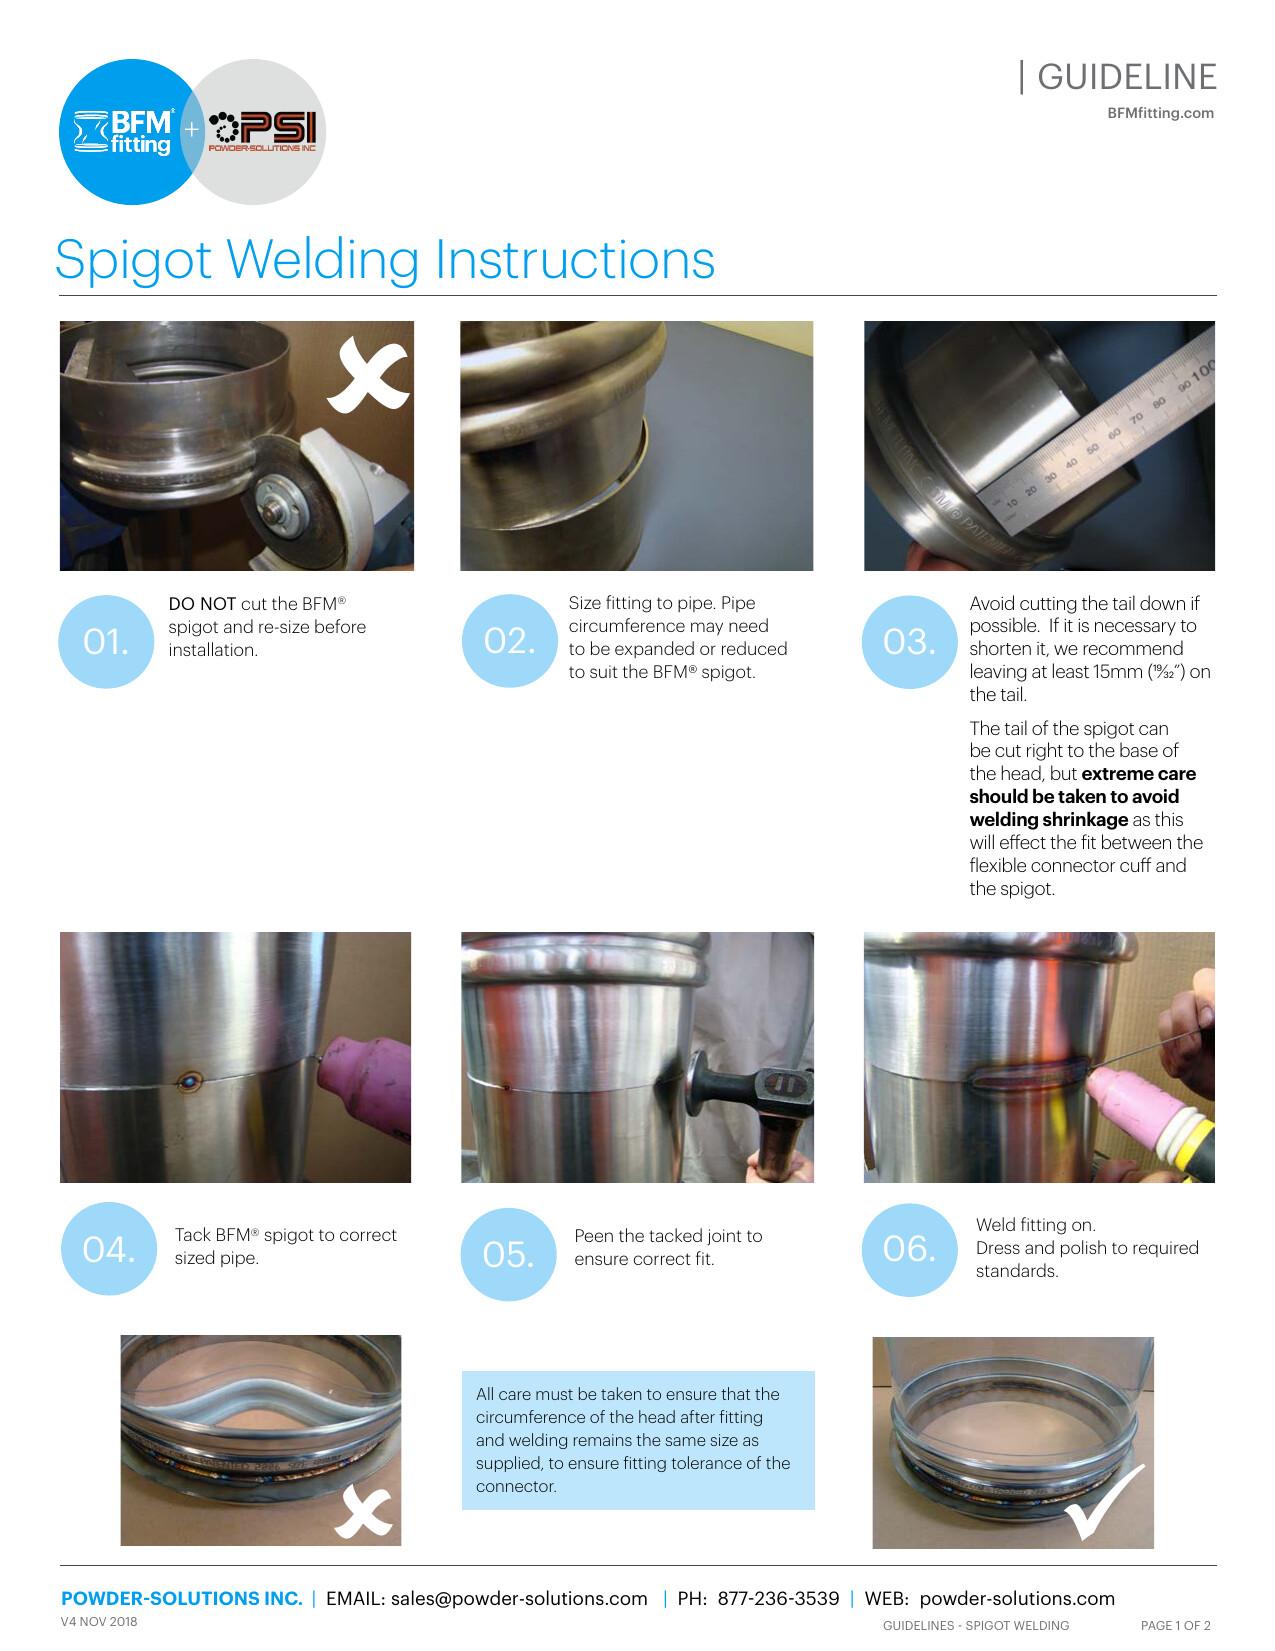 PSI BFM Guidelines - Spigot Welding Instructions